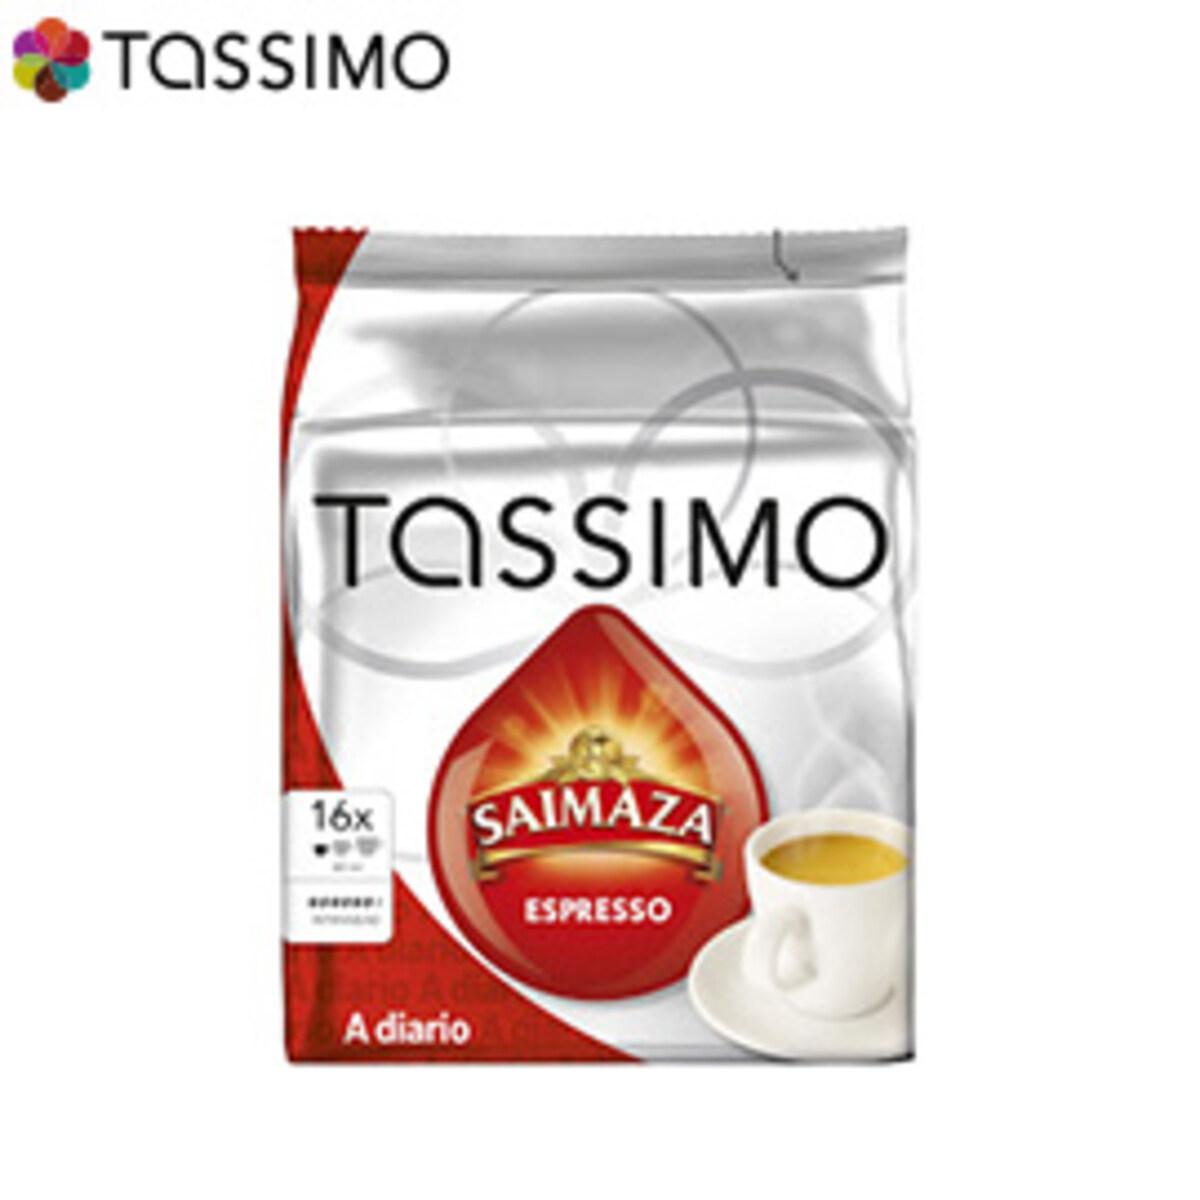 Tassimo Saimaza Espresso